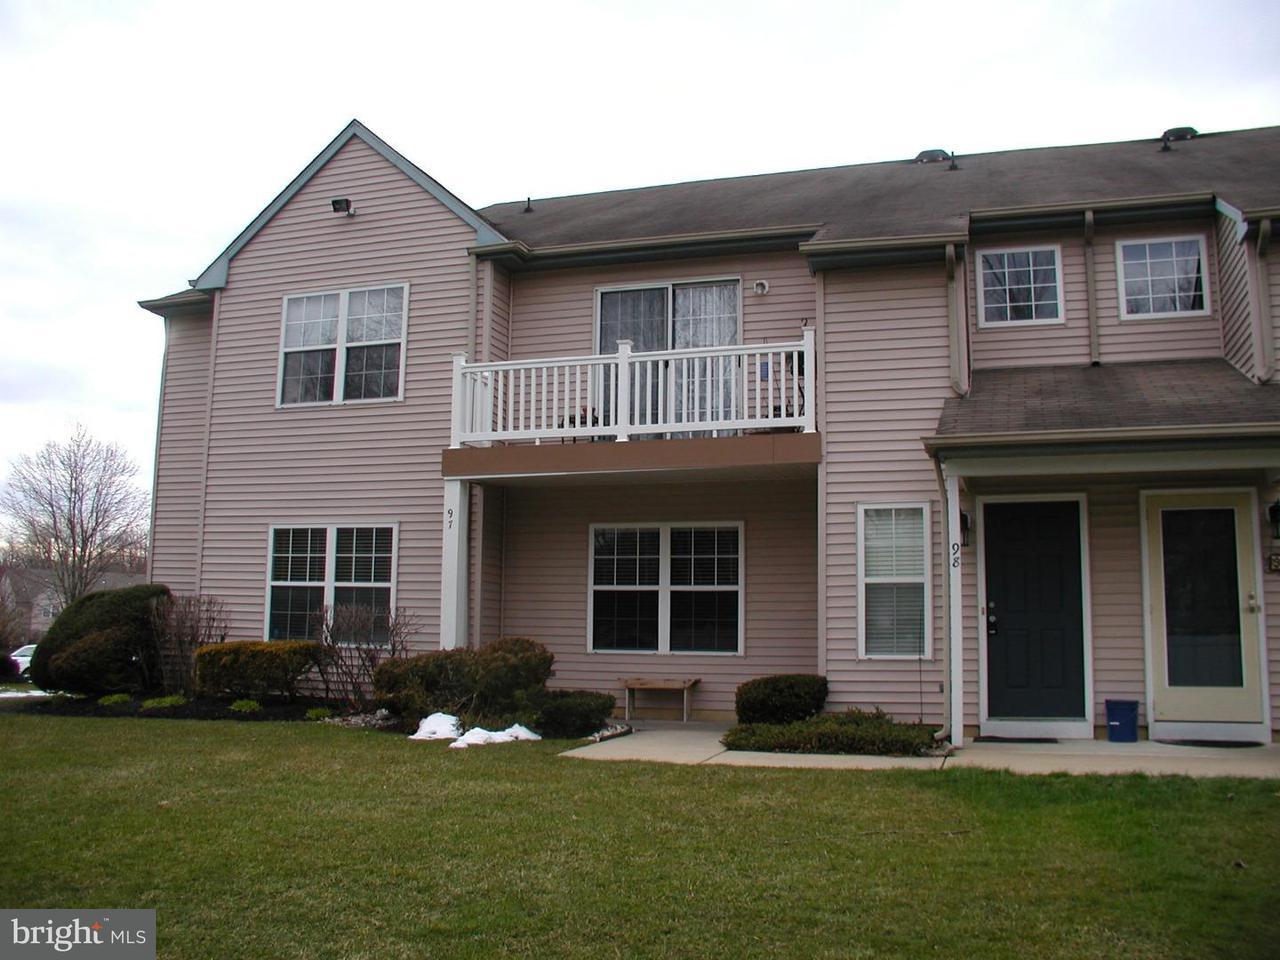 Частный односемейный дом для того Аренда на 98 CRESTMONT Drive Mantua, Нью-Джерси 08051 Соединенные Штаты